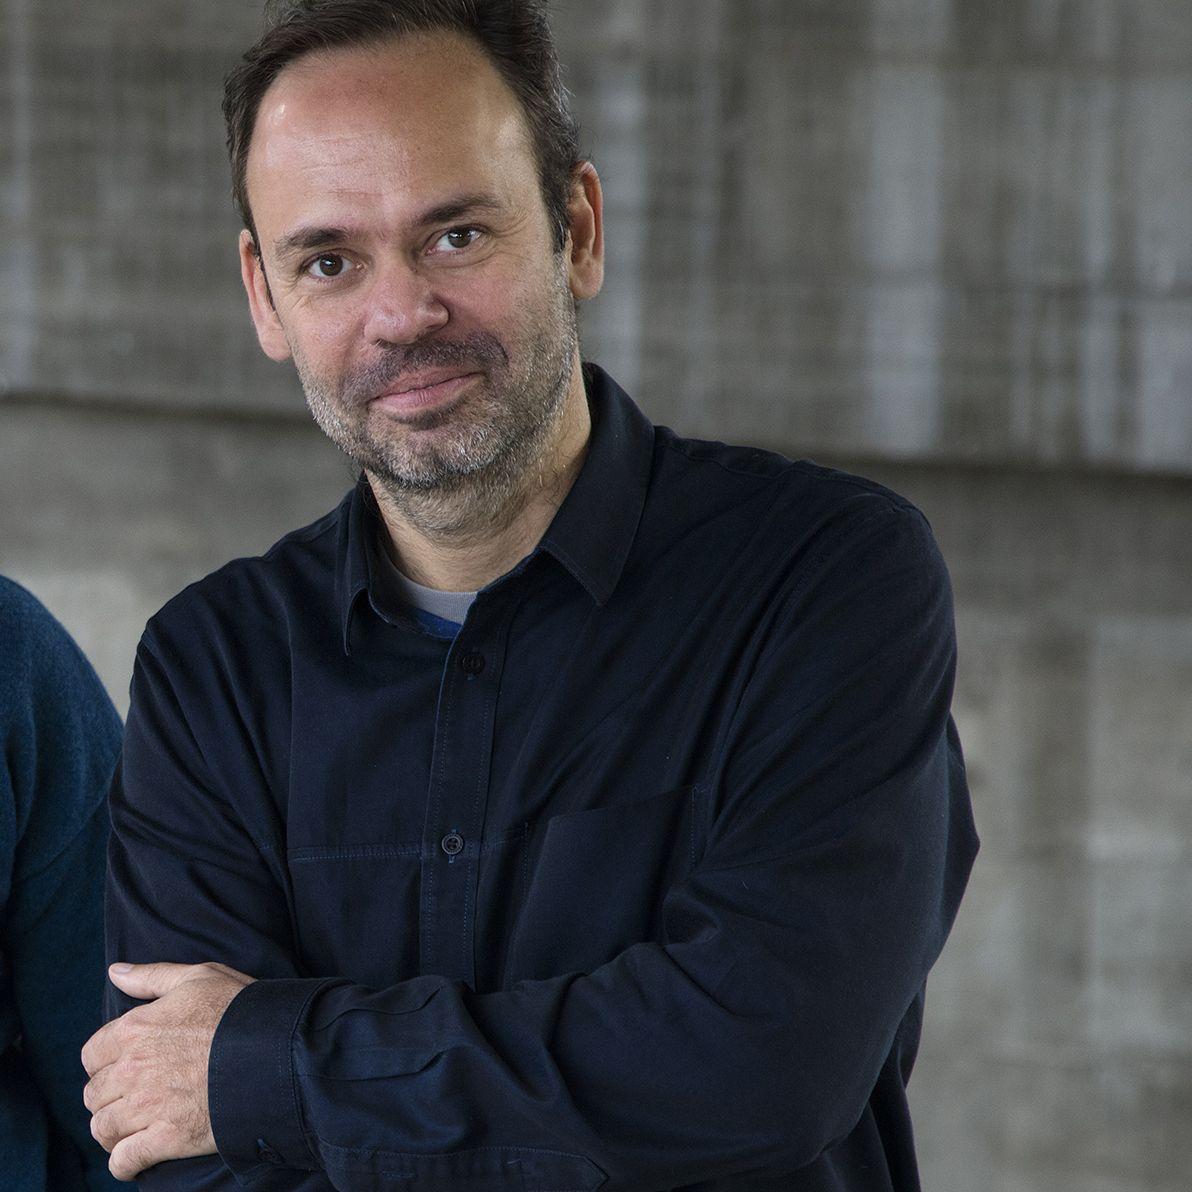 Curadores da exposição de Arquitetura Brasileira, Fernando Serapião, Guilherme Wisnik e Nuno